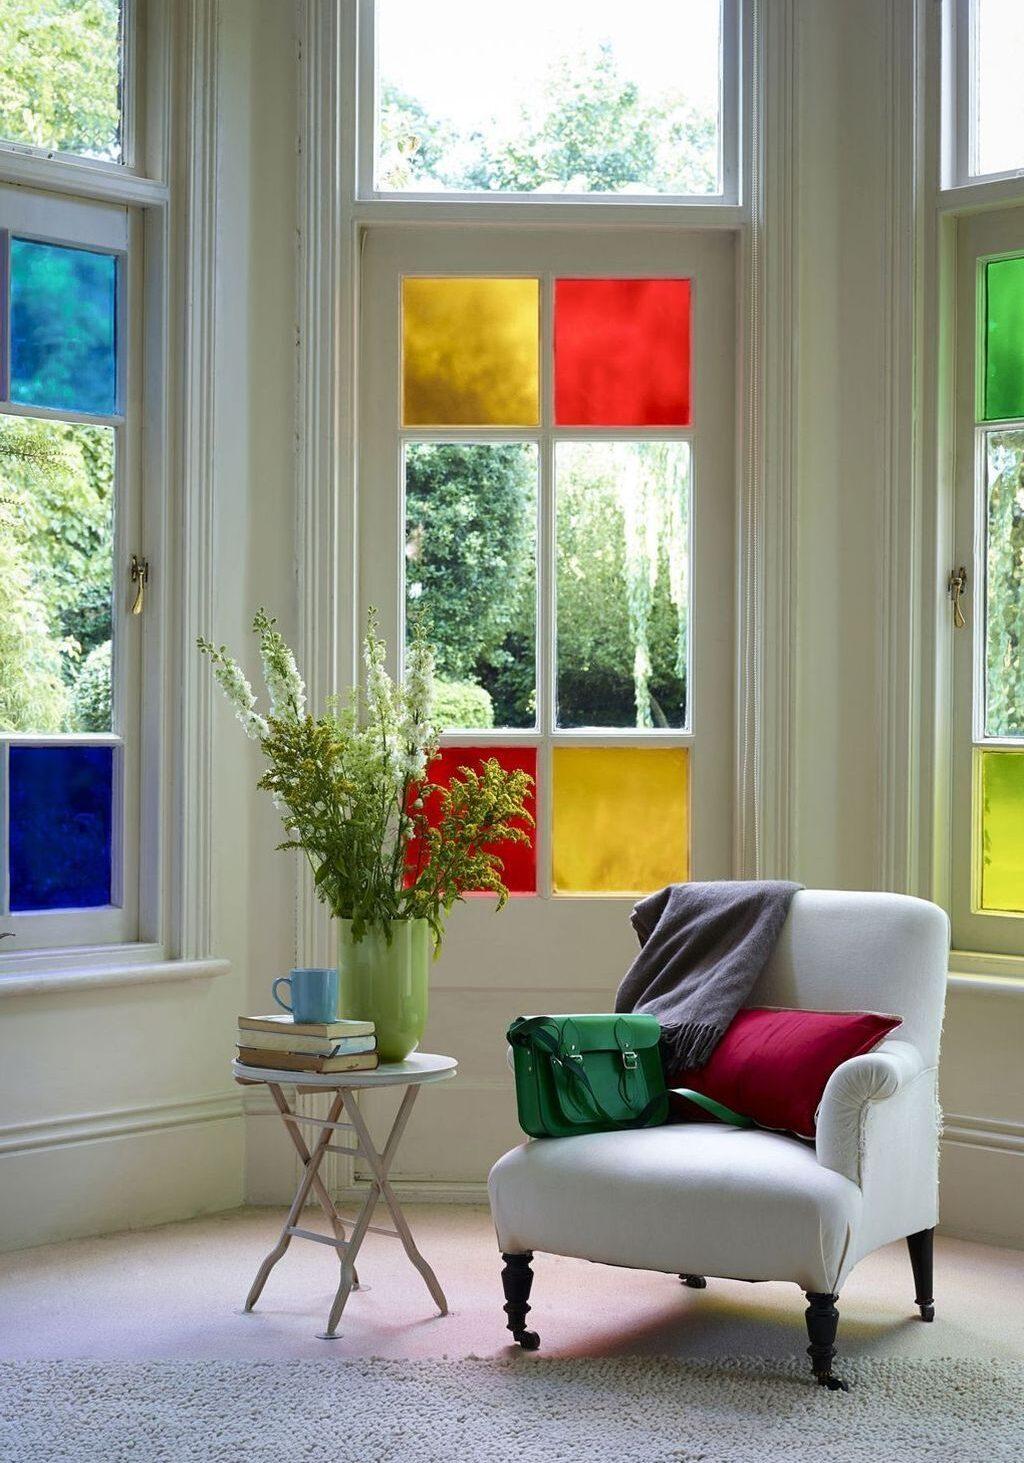 استفاده از شیشه های رنگی در دکوراسیون منزل